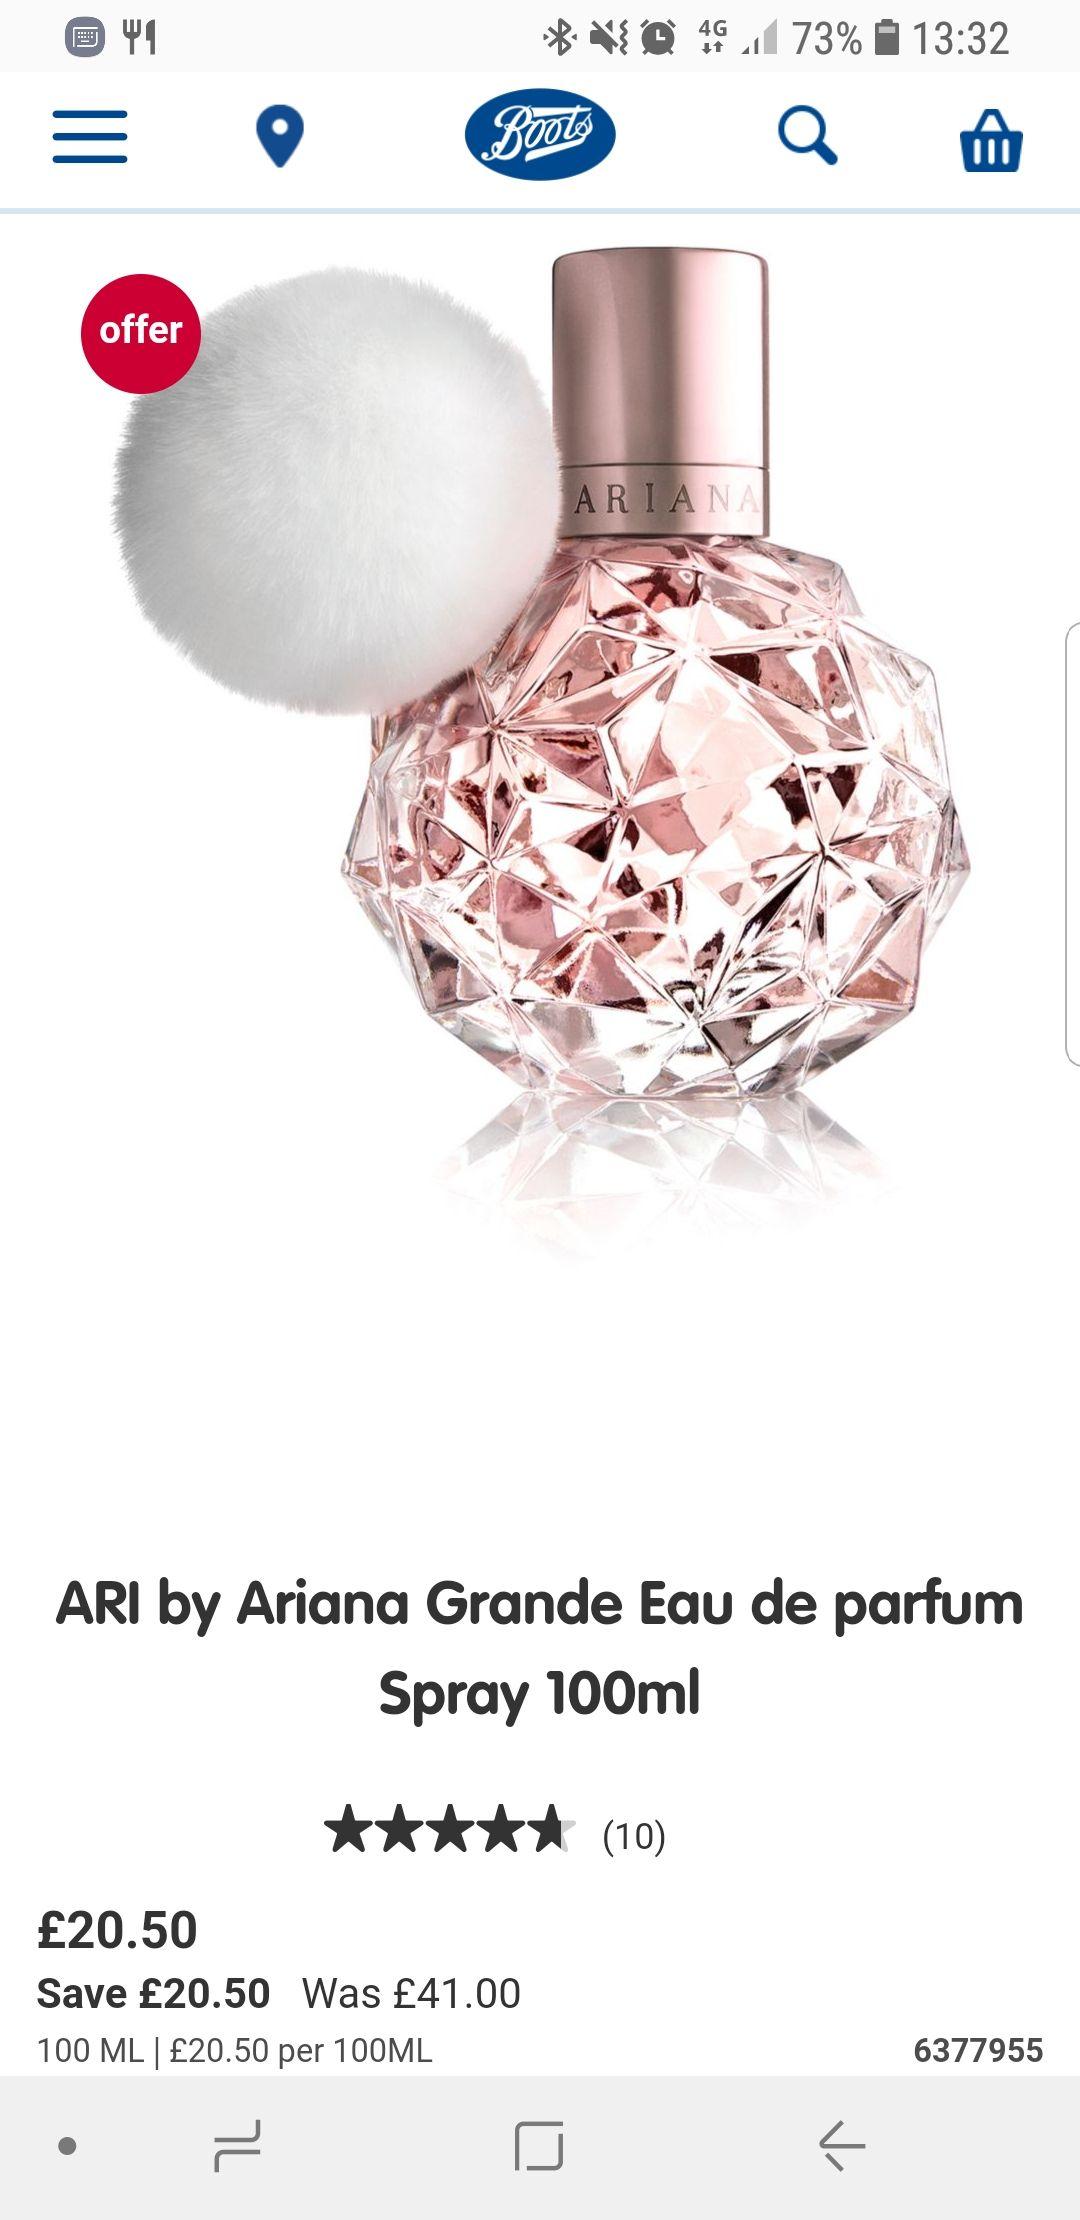 ARI - By Ariana Grande 100ml  Eau De Parfum @ Boots - £20.50